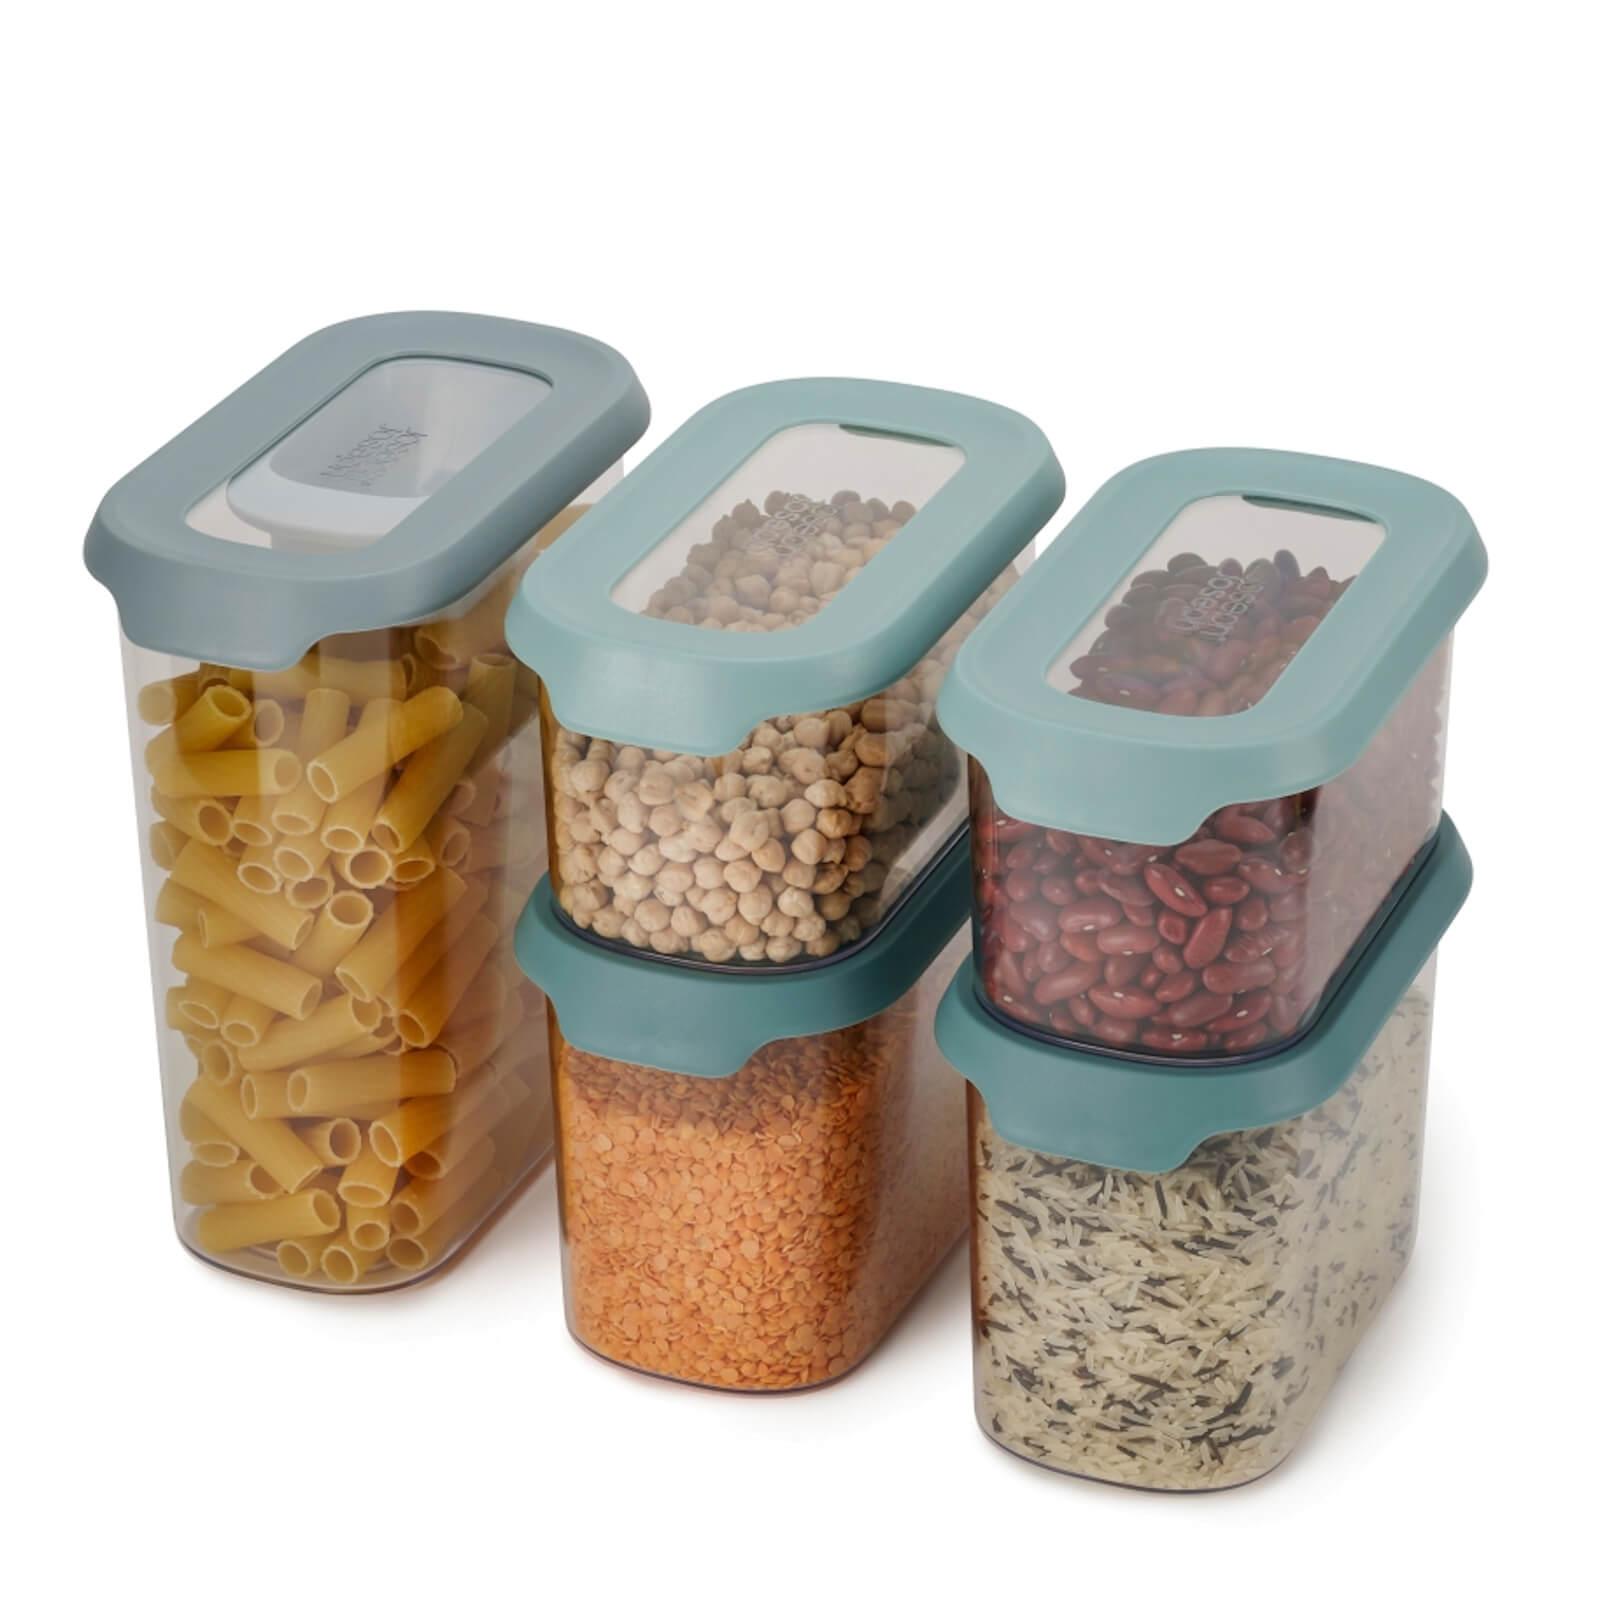 Joseph Joseph CupboardStore 5 Piece Food Storage Set - Opal